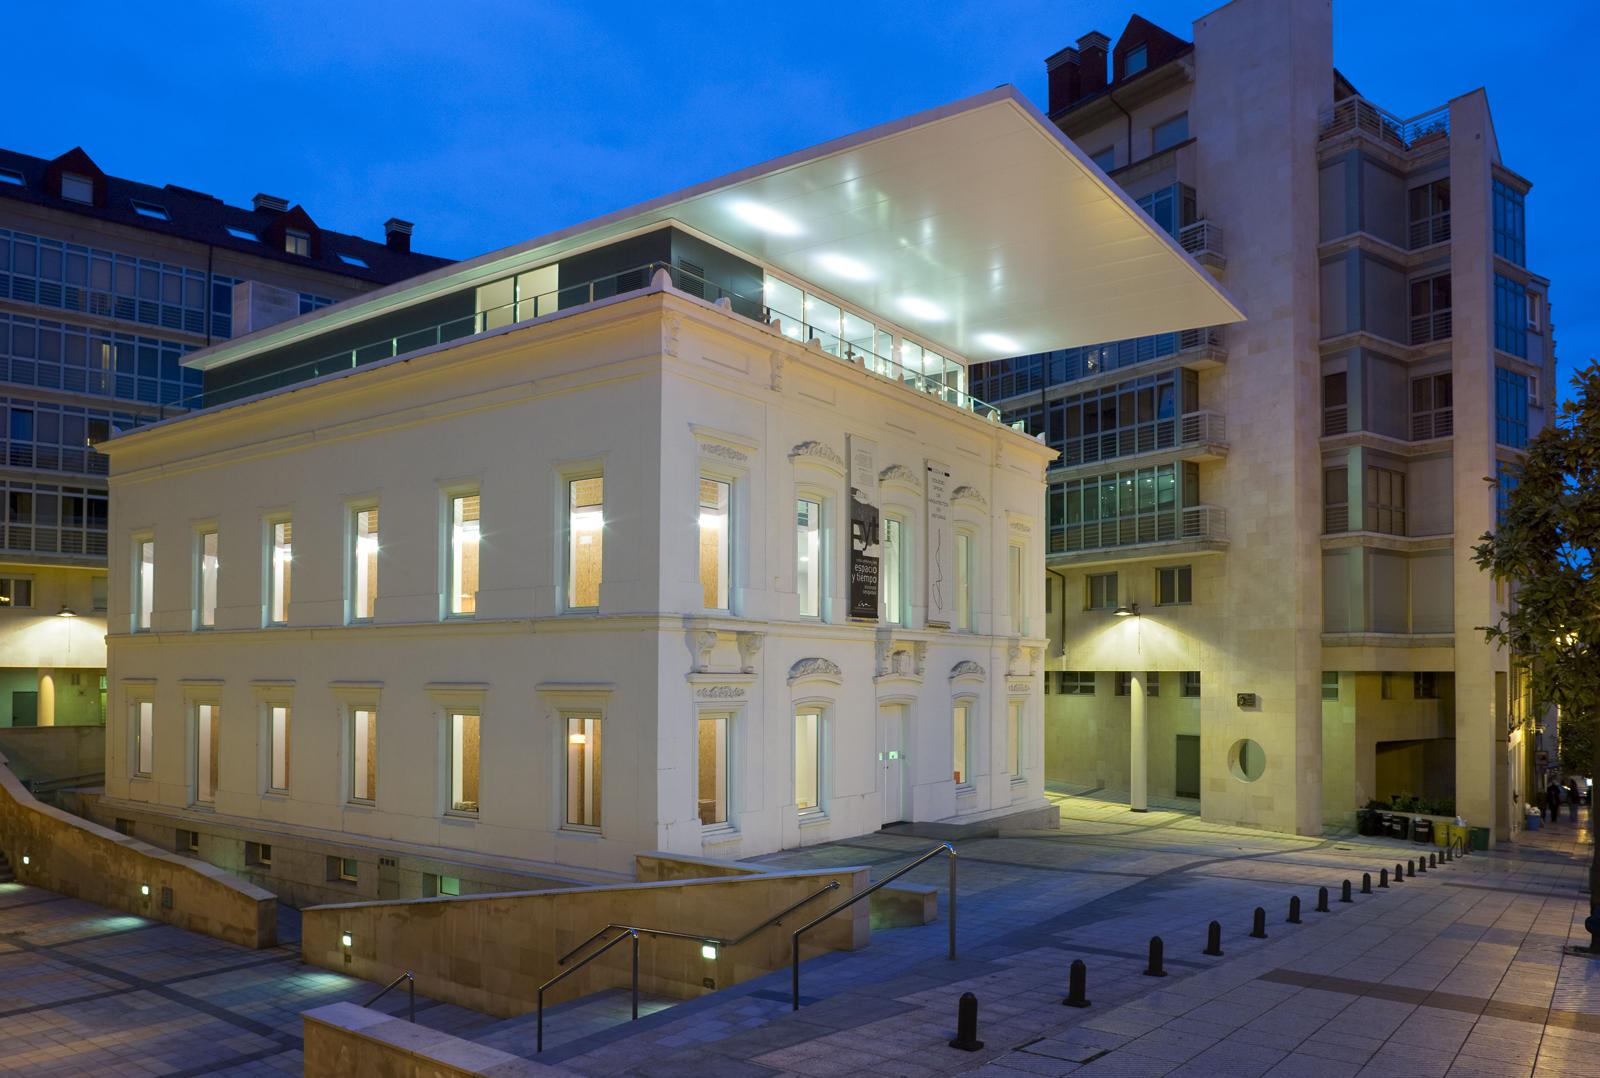 Sede del colegio oficial de arquitectos de asturias en oviedo a a - Colegio oficial arquitectos madrid ...